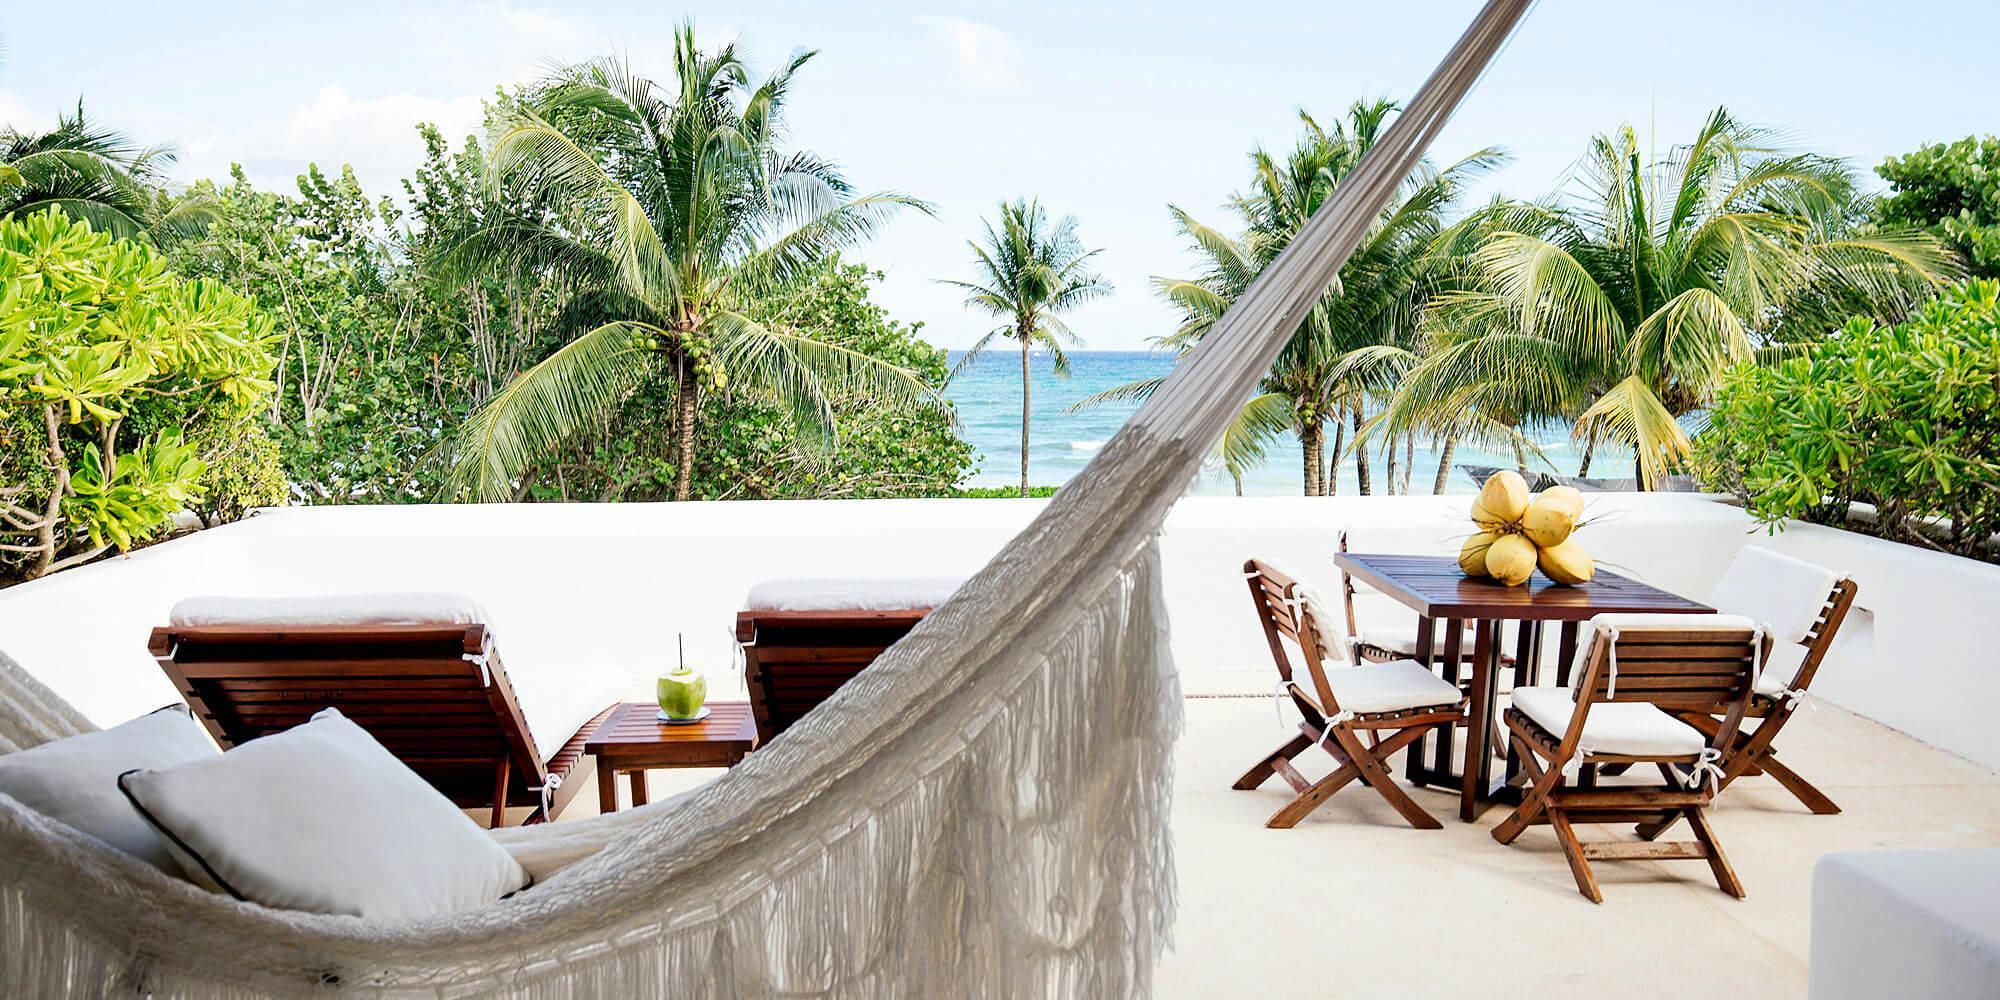 Image courtesy of Hotel Esencia